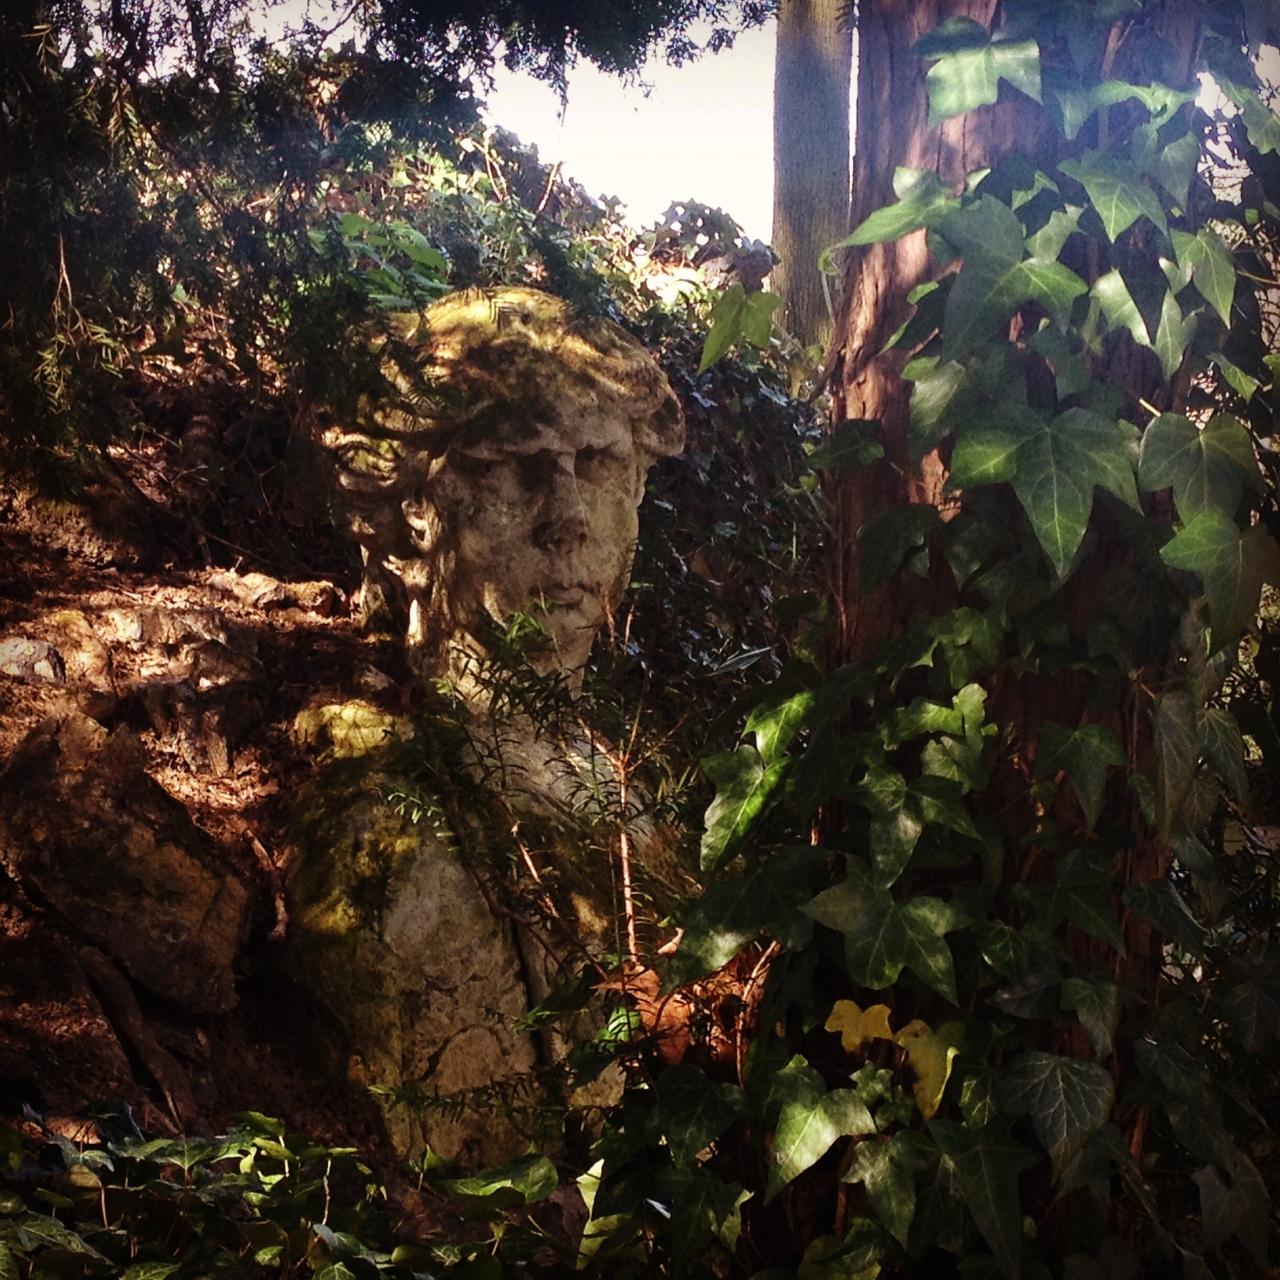 Un busto mitologico ricoperto d'edera.